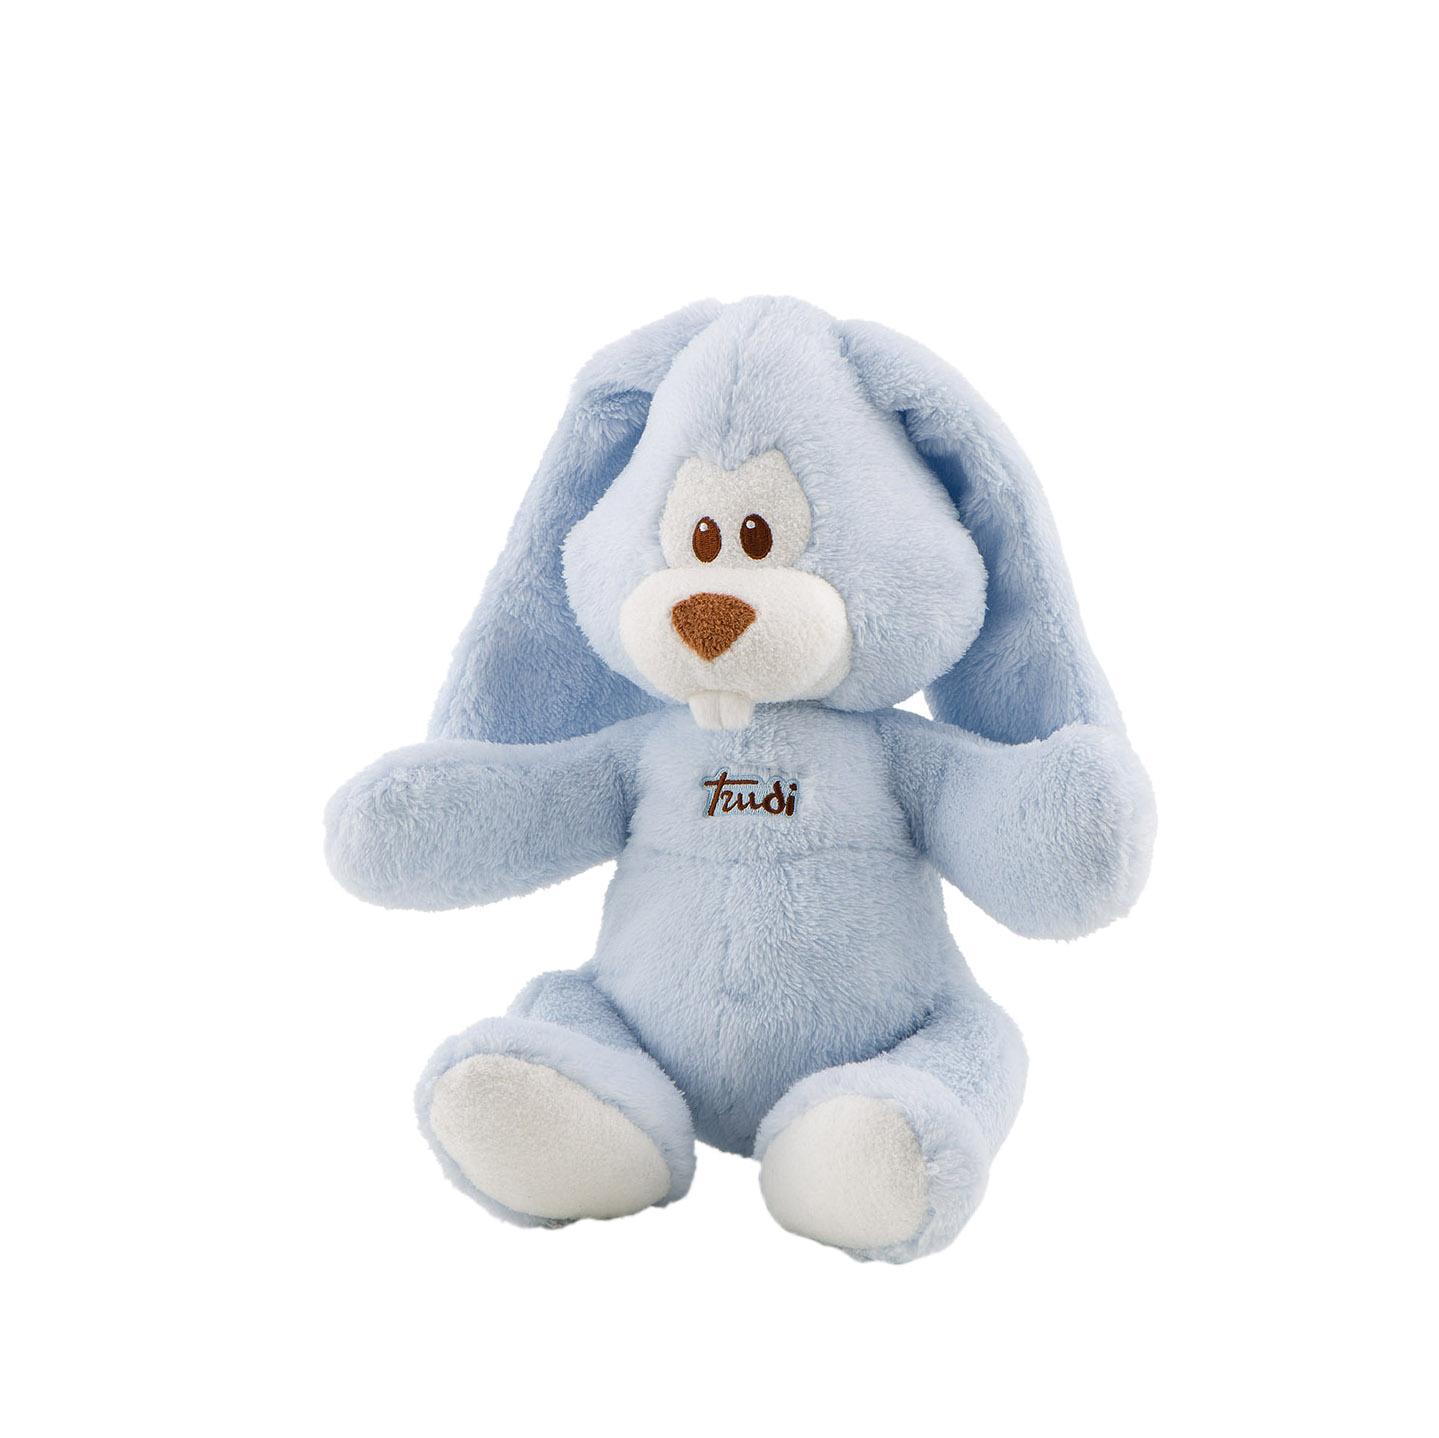 Купить Мягкая игрушка Trudi Заяц Вирджилио (голубой), 36 см, Мягкие игрушки животные